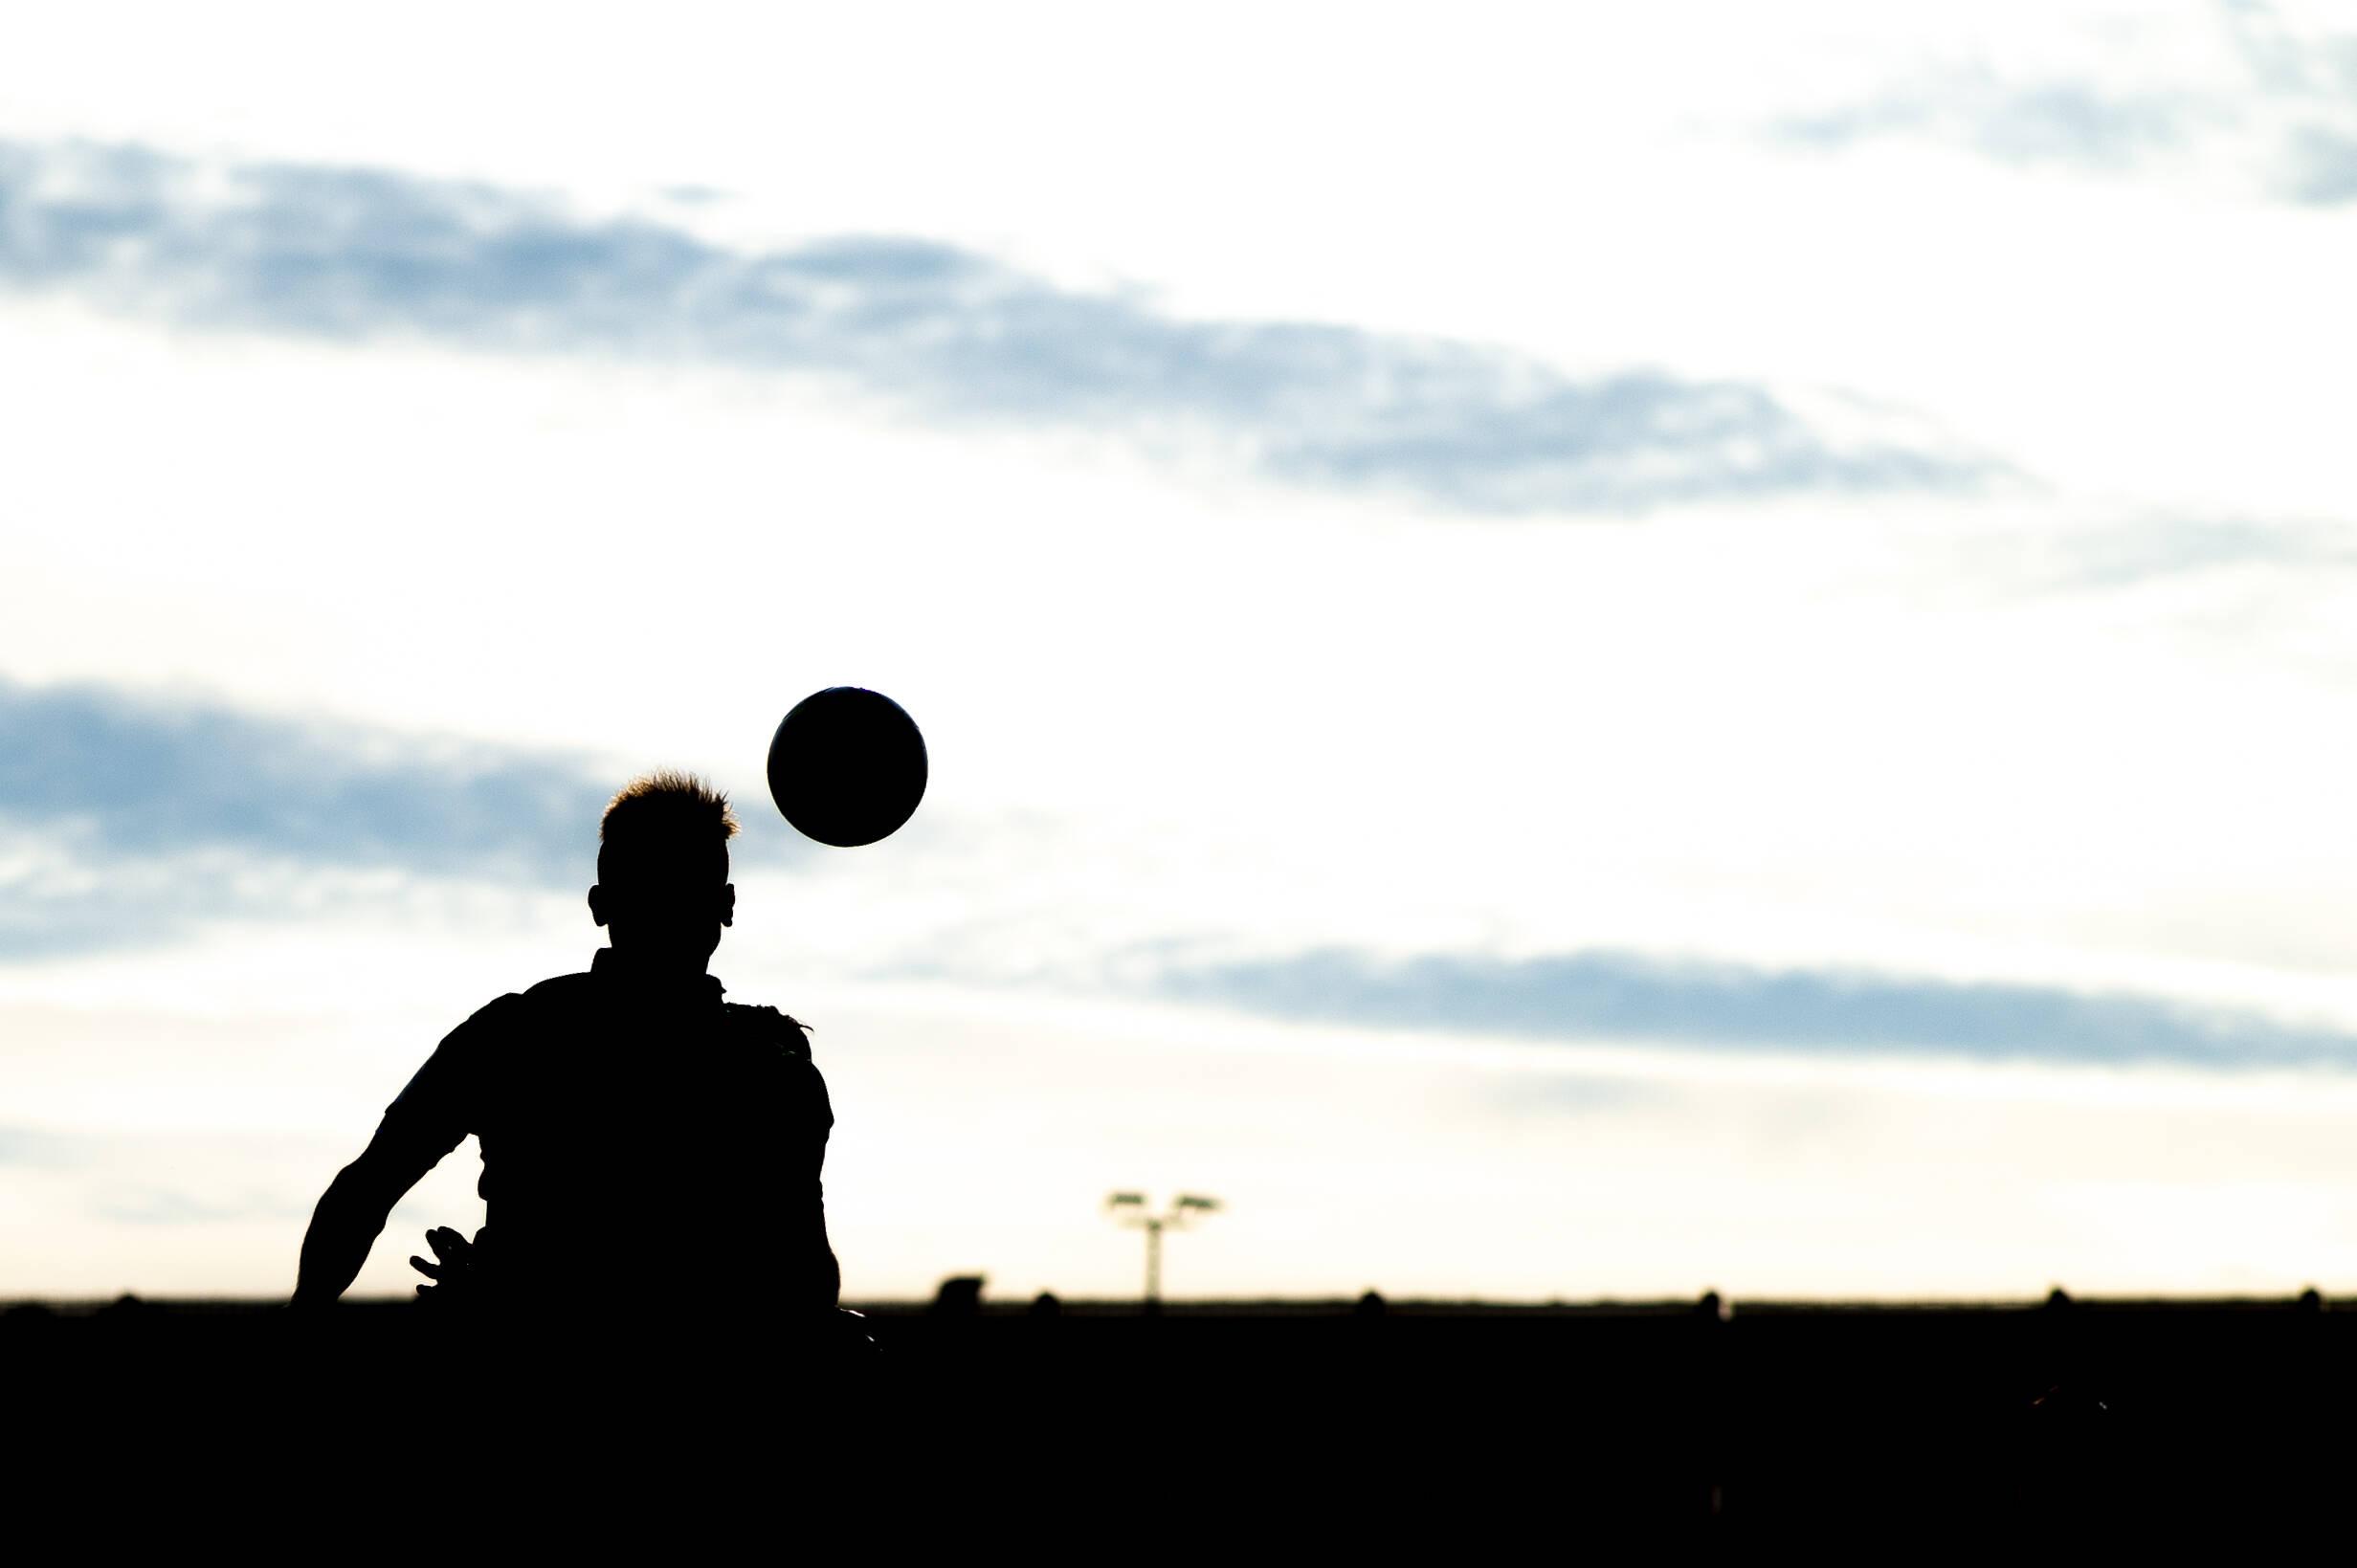 Bericht des Europarats: erhebliche Verbesserung des Fussballs dank FIFA-Reform des Transfersystems